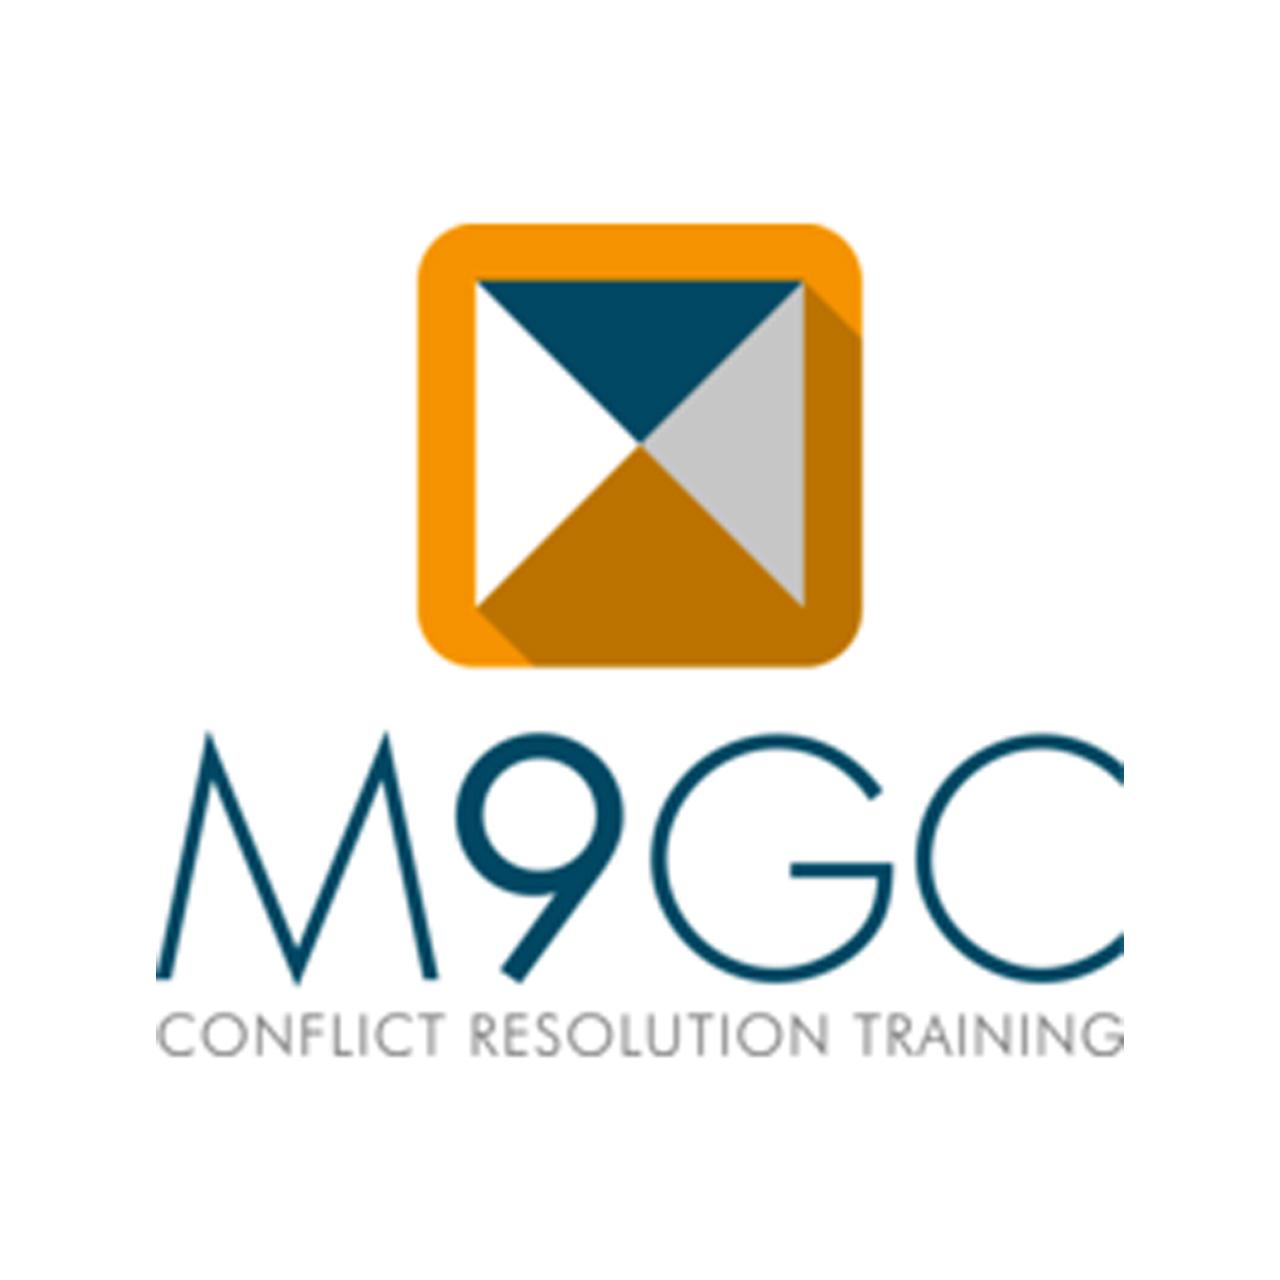 Portfólio - Alvetti Comunicação - Marca M9GC